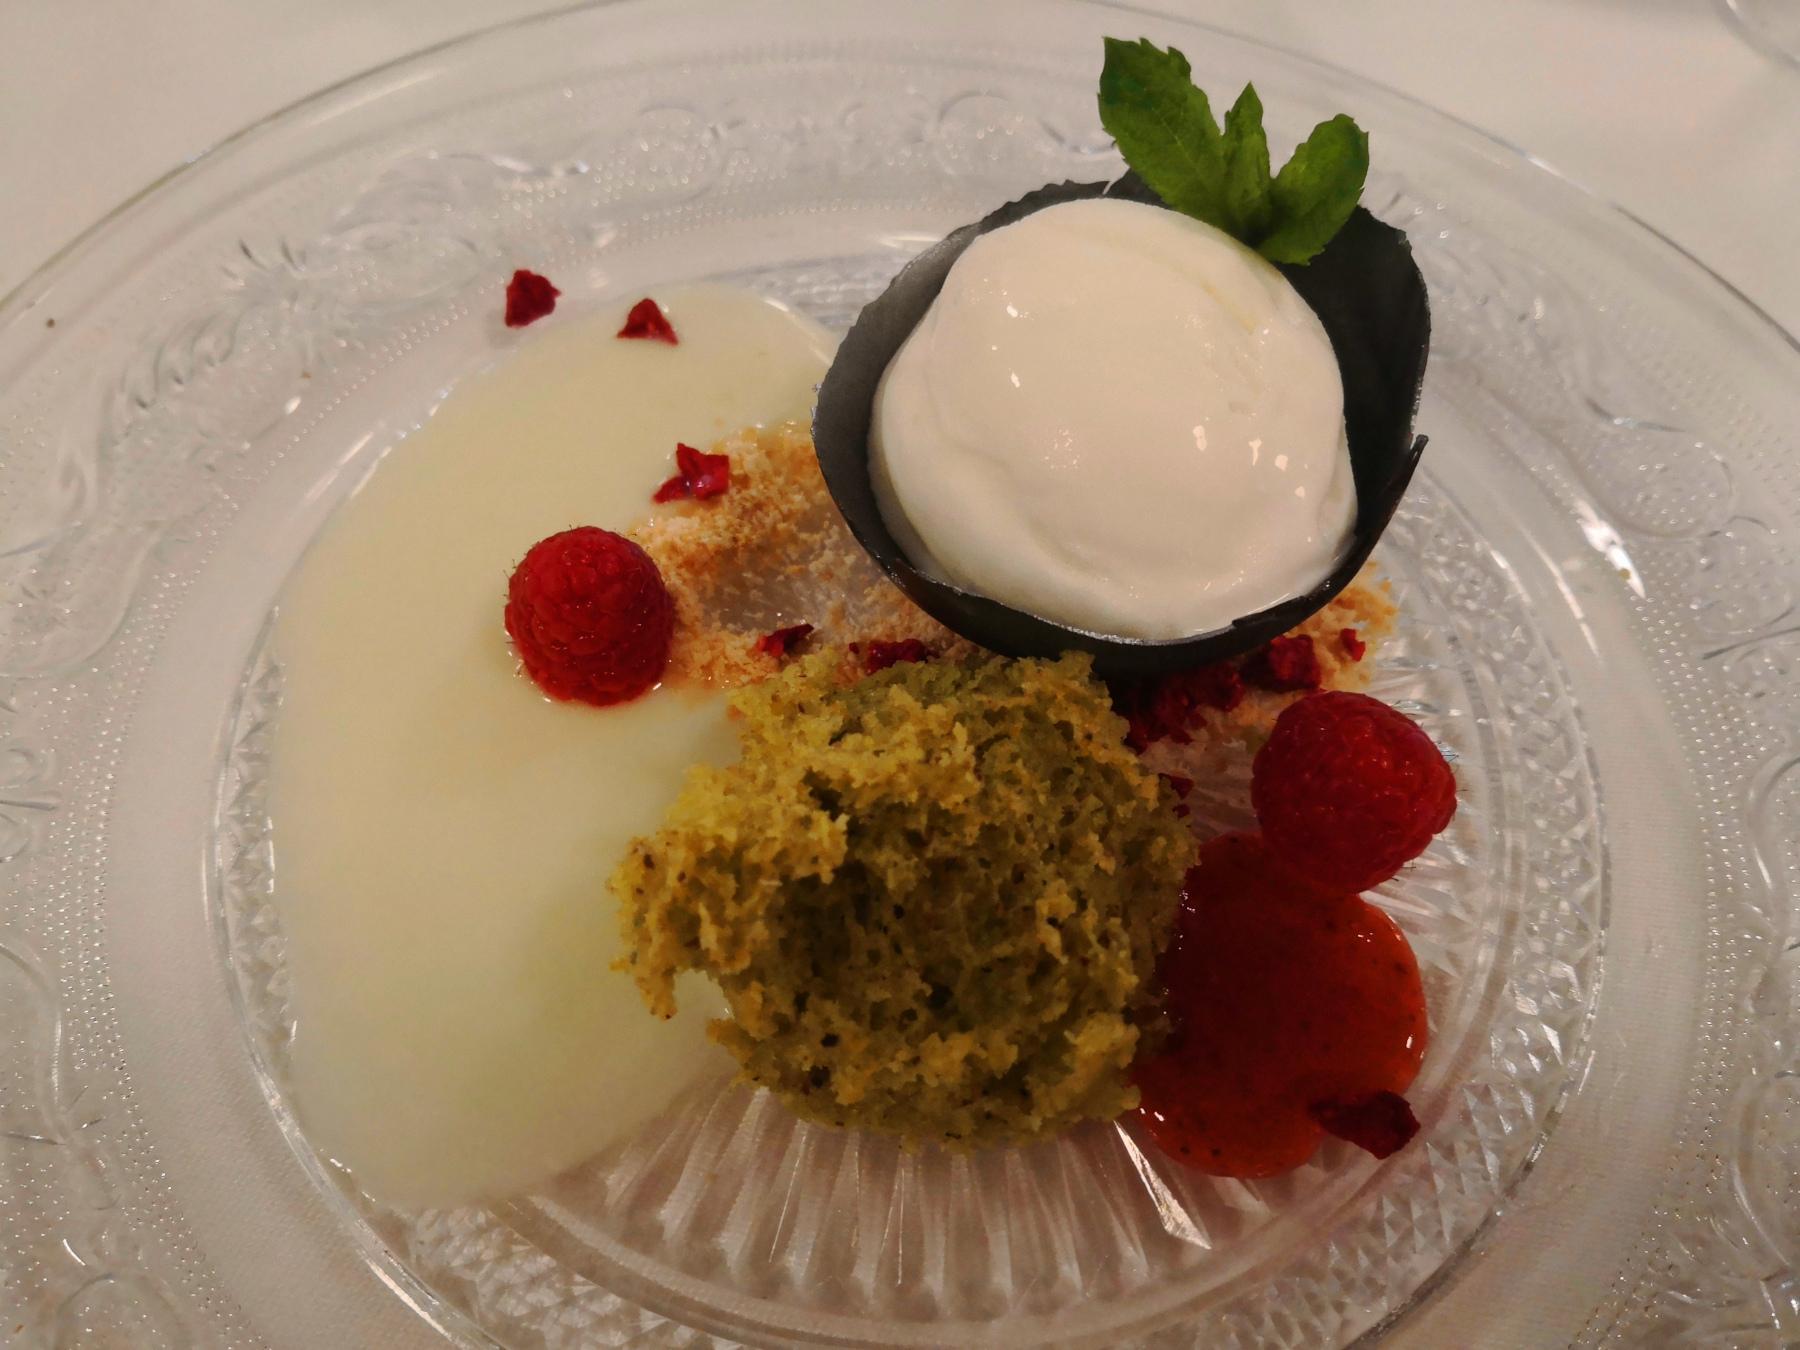 Esponja de pistachos son salsa de chocolate blanco, cardamomo y helado de queso cremoso